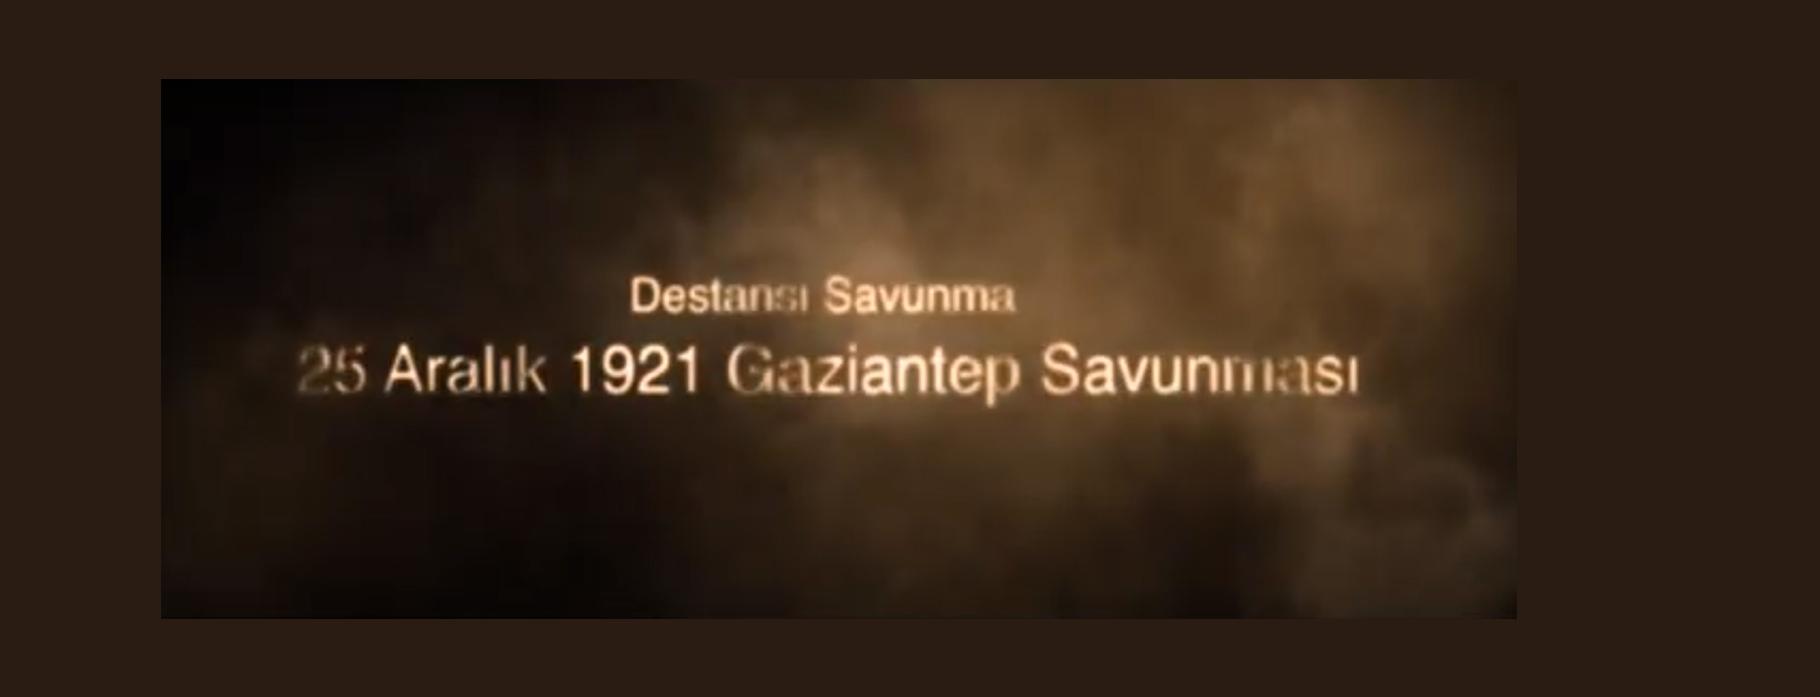 Gaziantep'in Kurtuluşu (Mor Sümbüllü Bağlarım Şiiri)